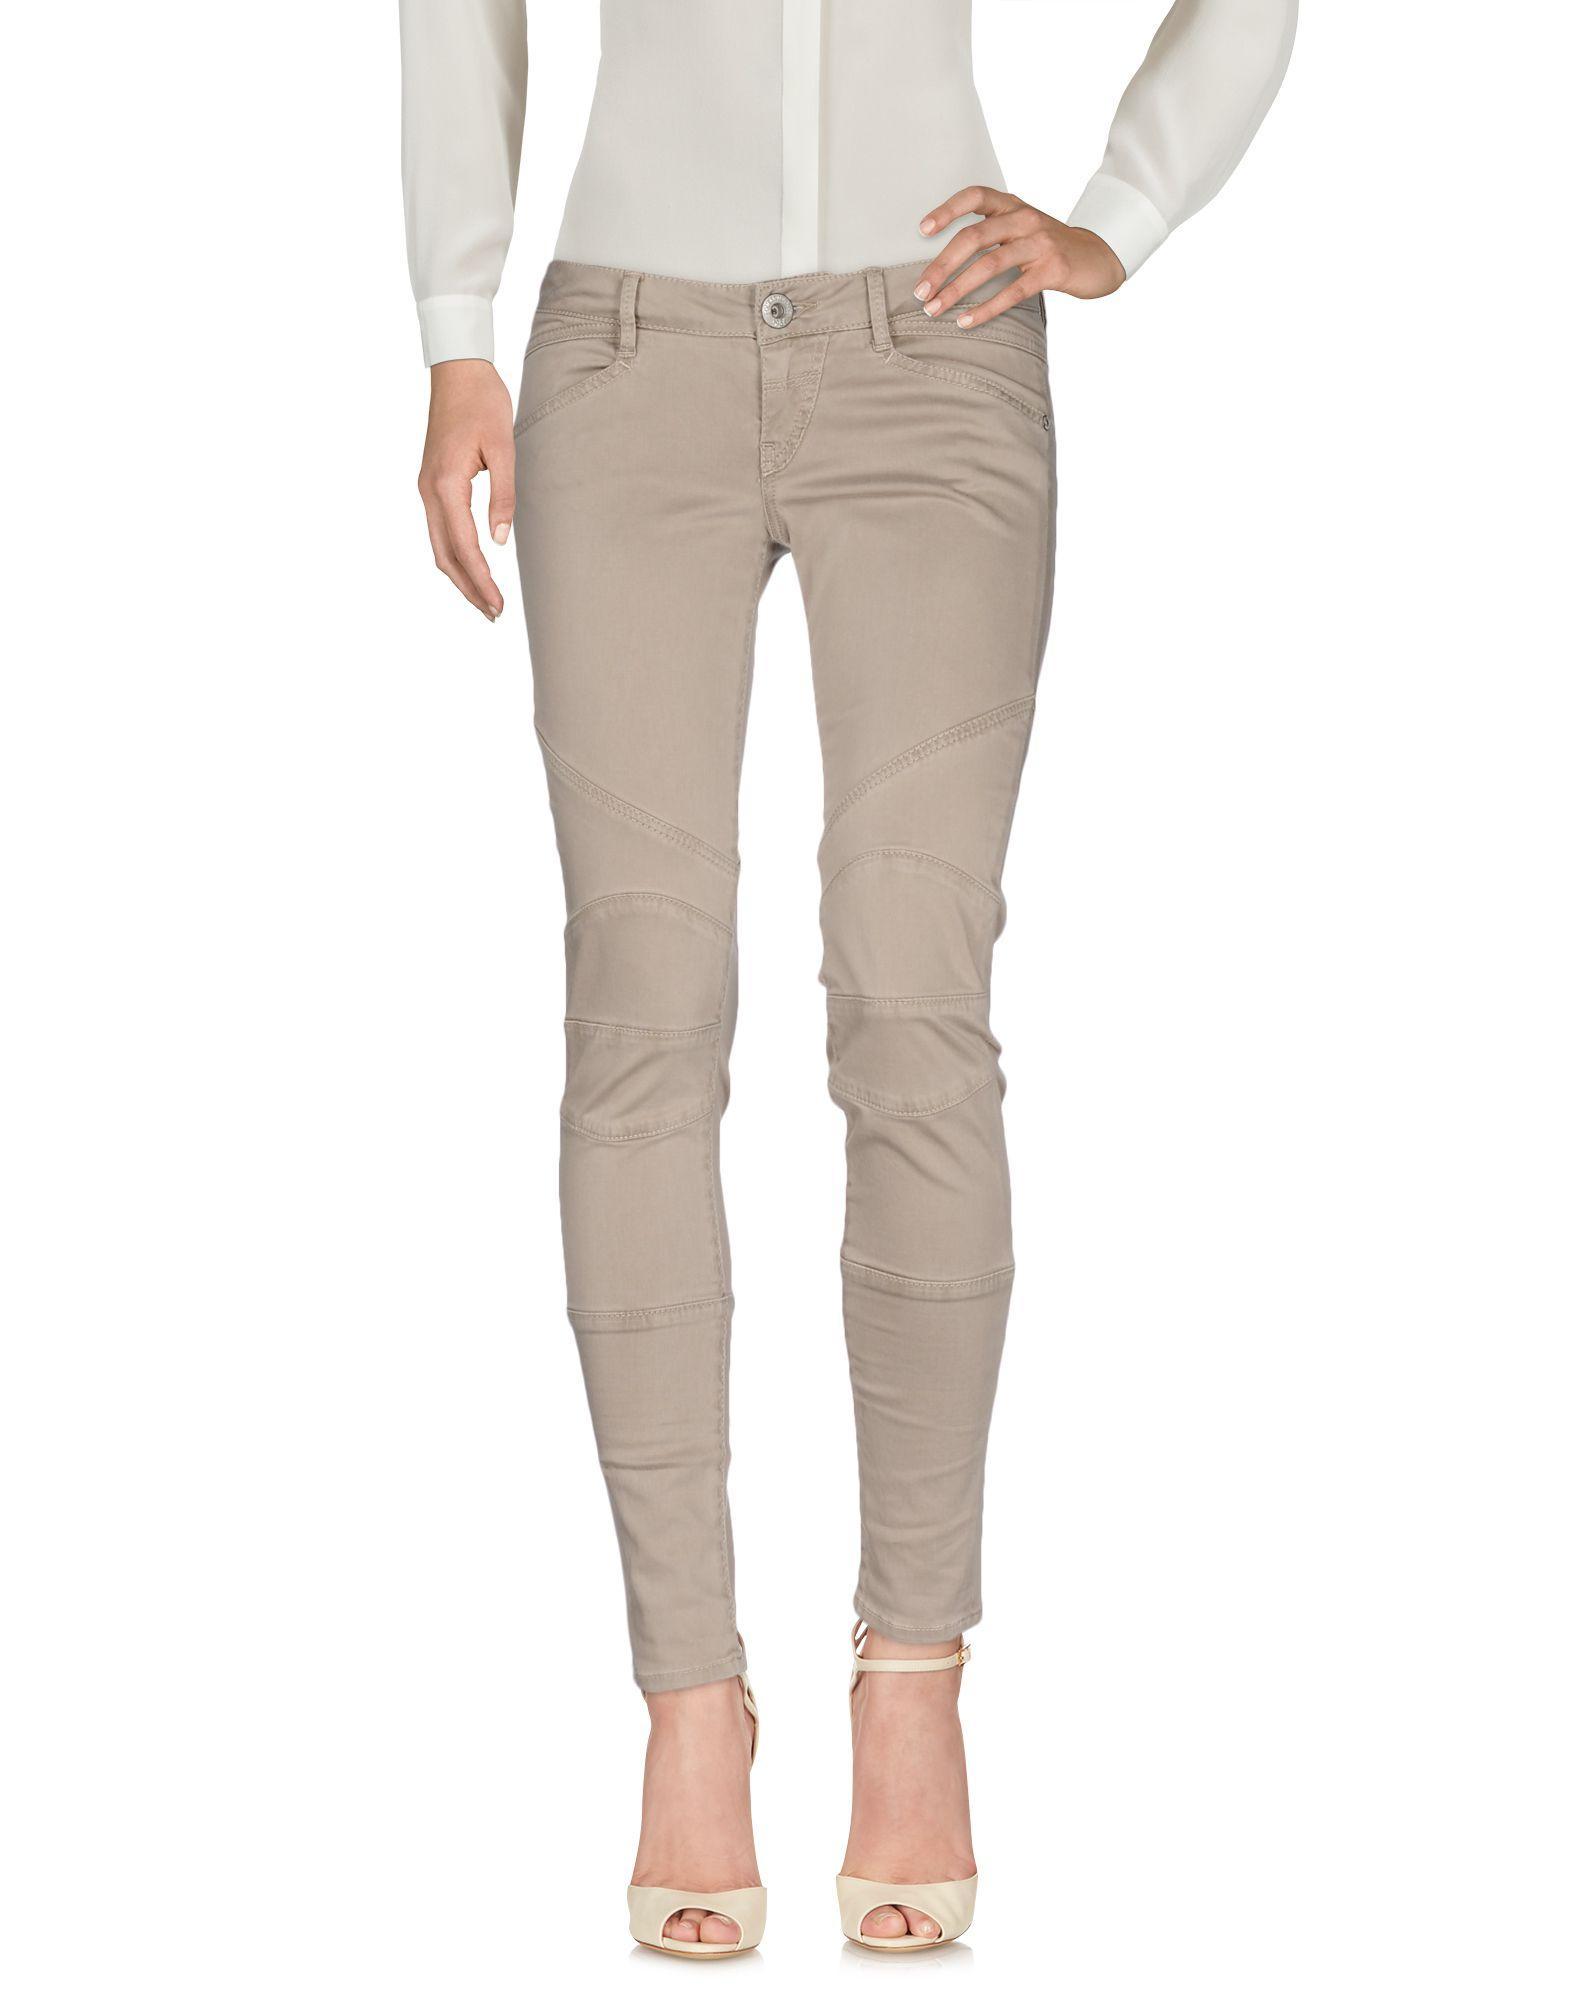 Wonderful Guess Pants Skinny Blackwash Paneled Leggings In Black  Lyst